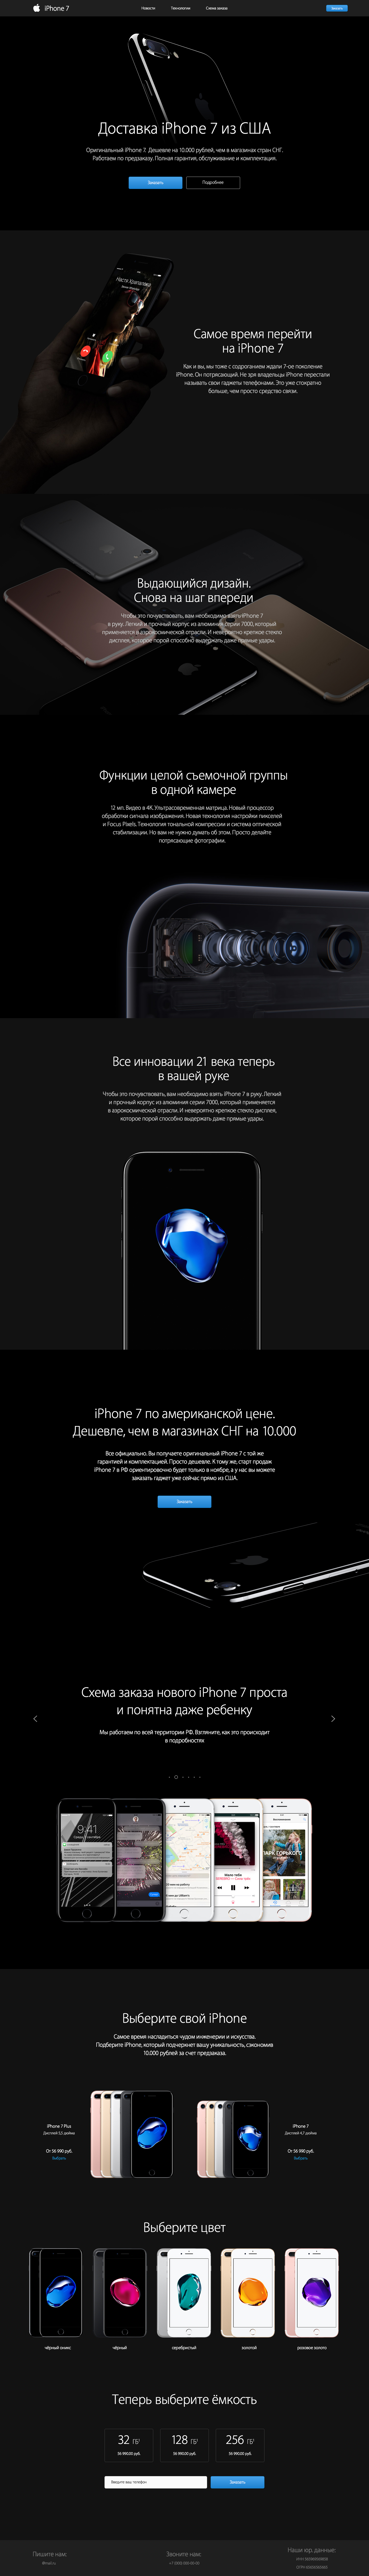 Доставка iphone 7 из США